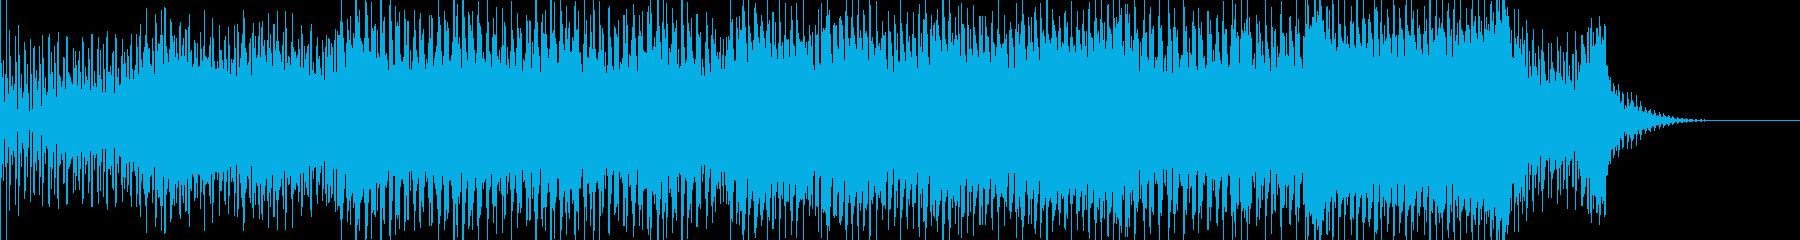 アンビエンスな浮遊感あるBGMの再生済みの波形